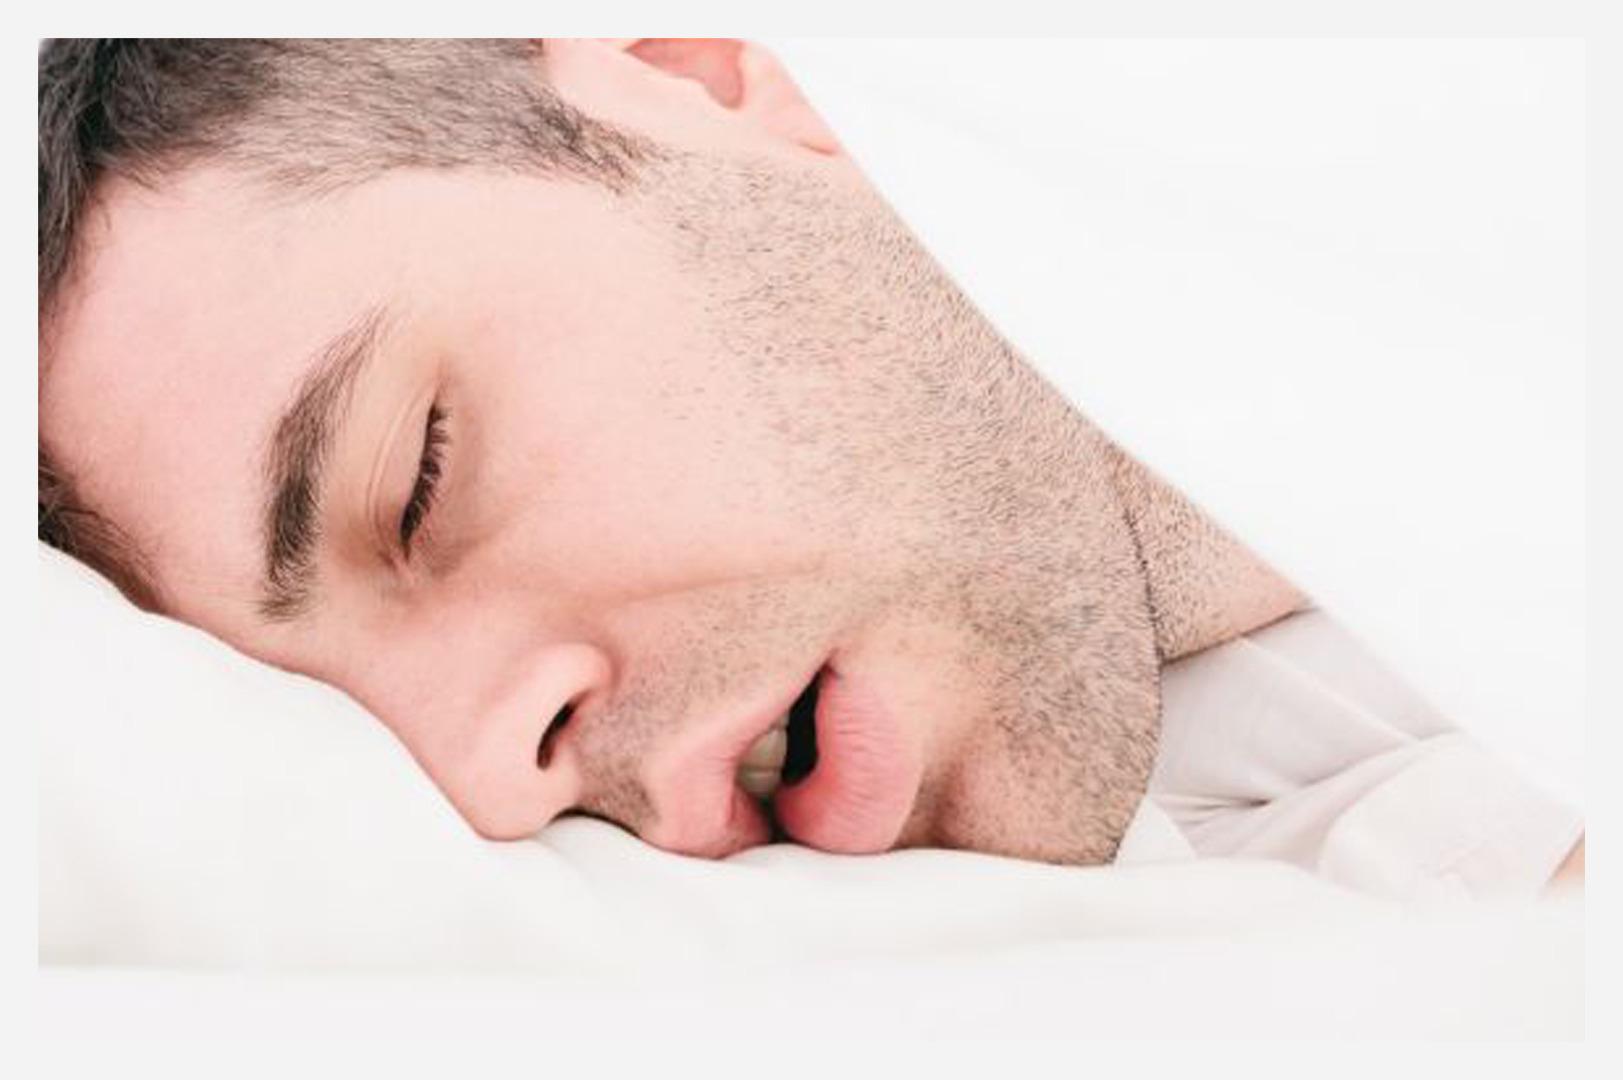 man snoring sleep apnea